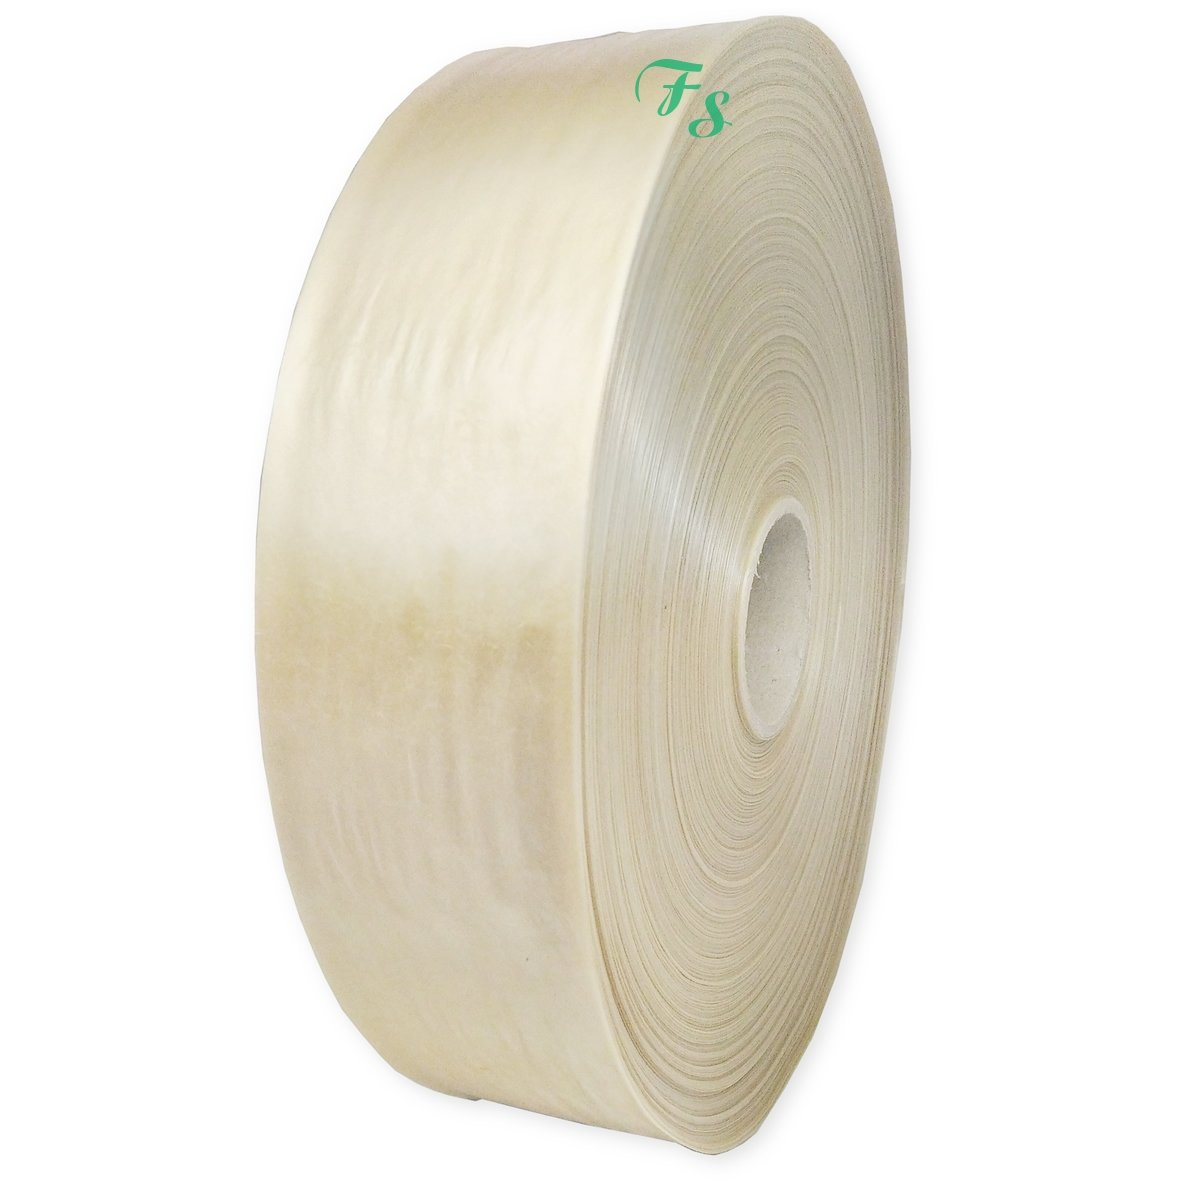 Tripa Artificial Colágeno Calibre 60 - Rolo com 500 metros